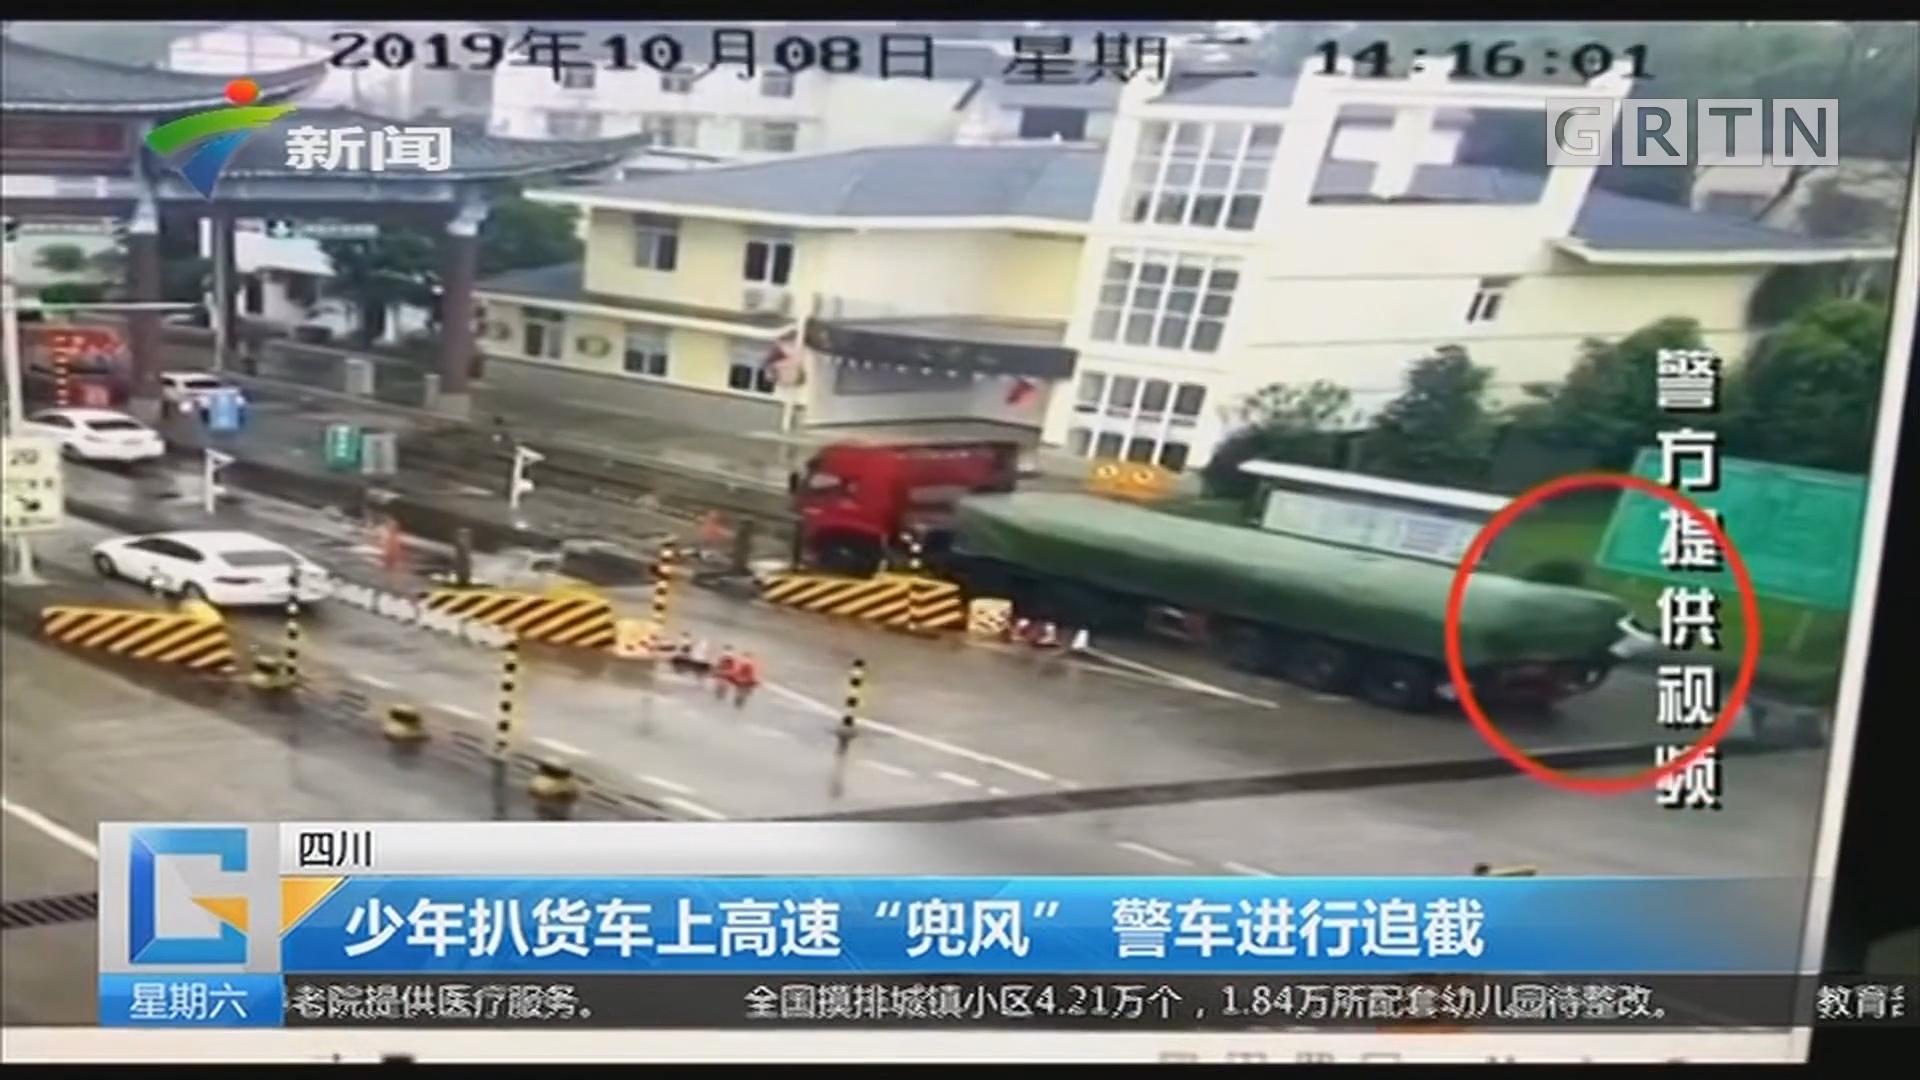 """四川:少年扒货车上高速""""兜风"""" 警车进行追截"""